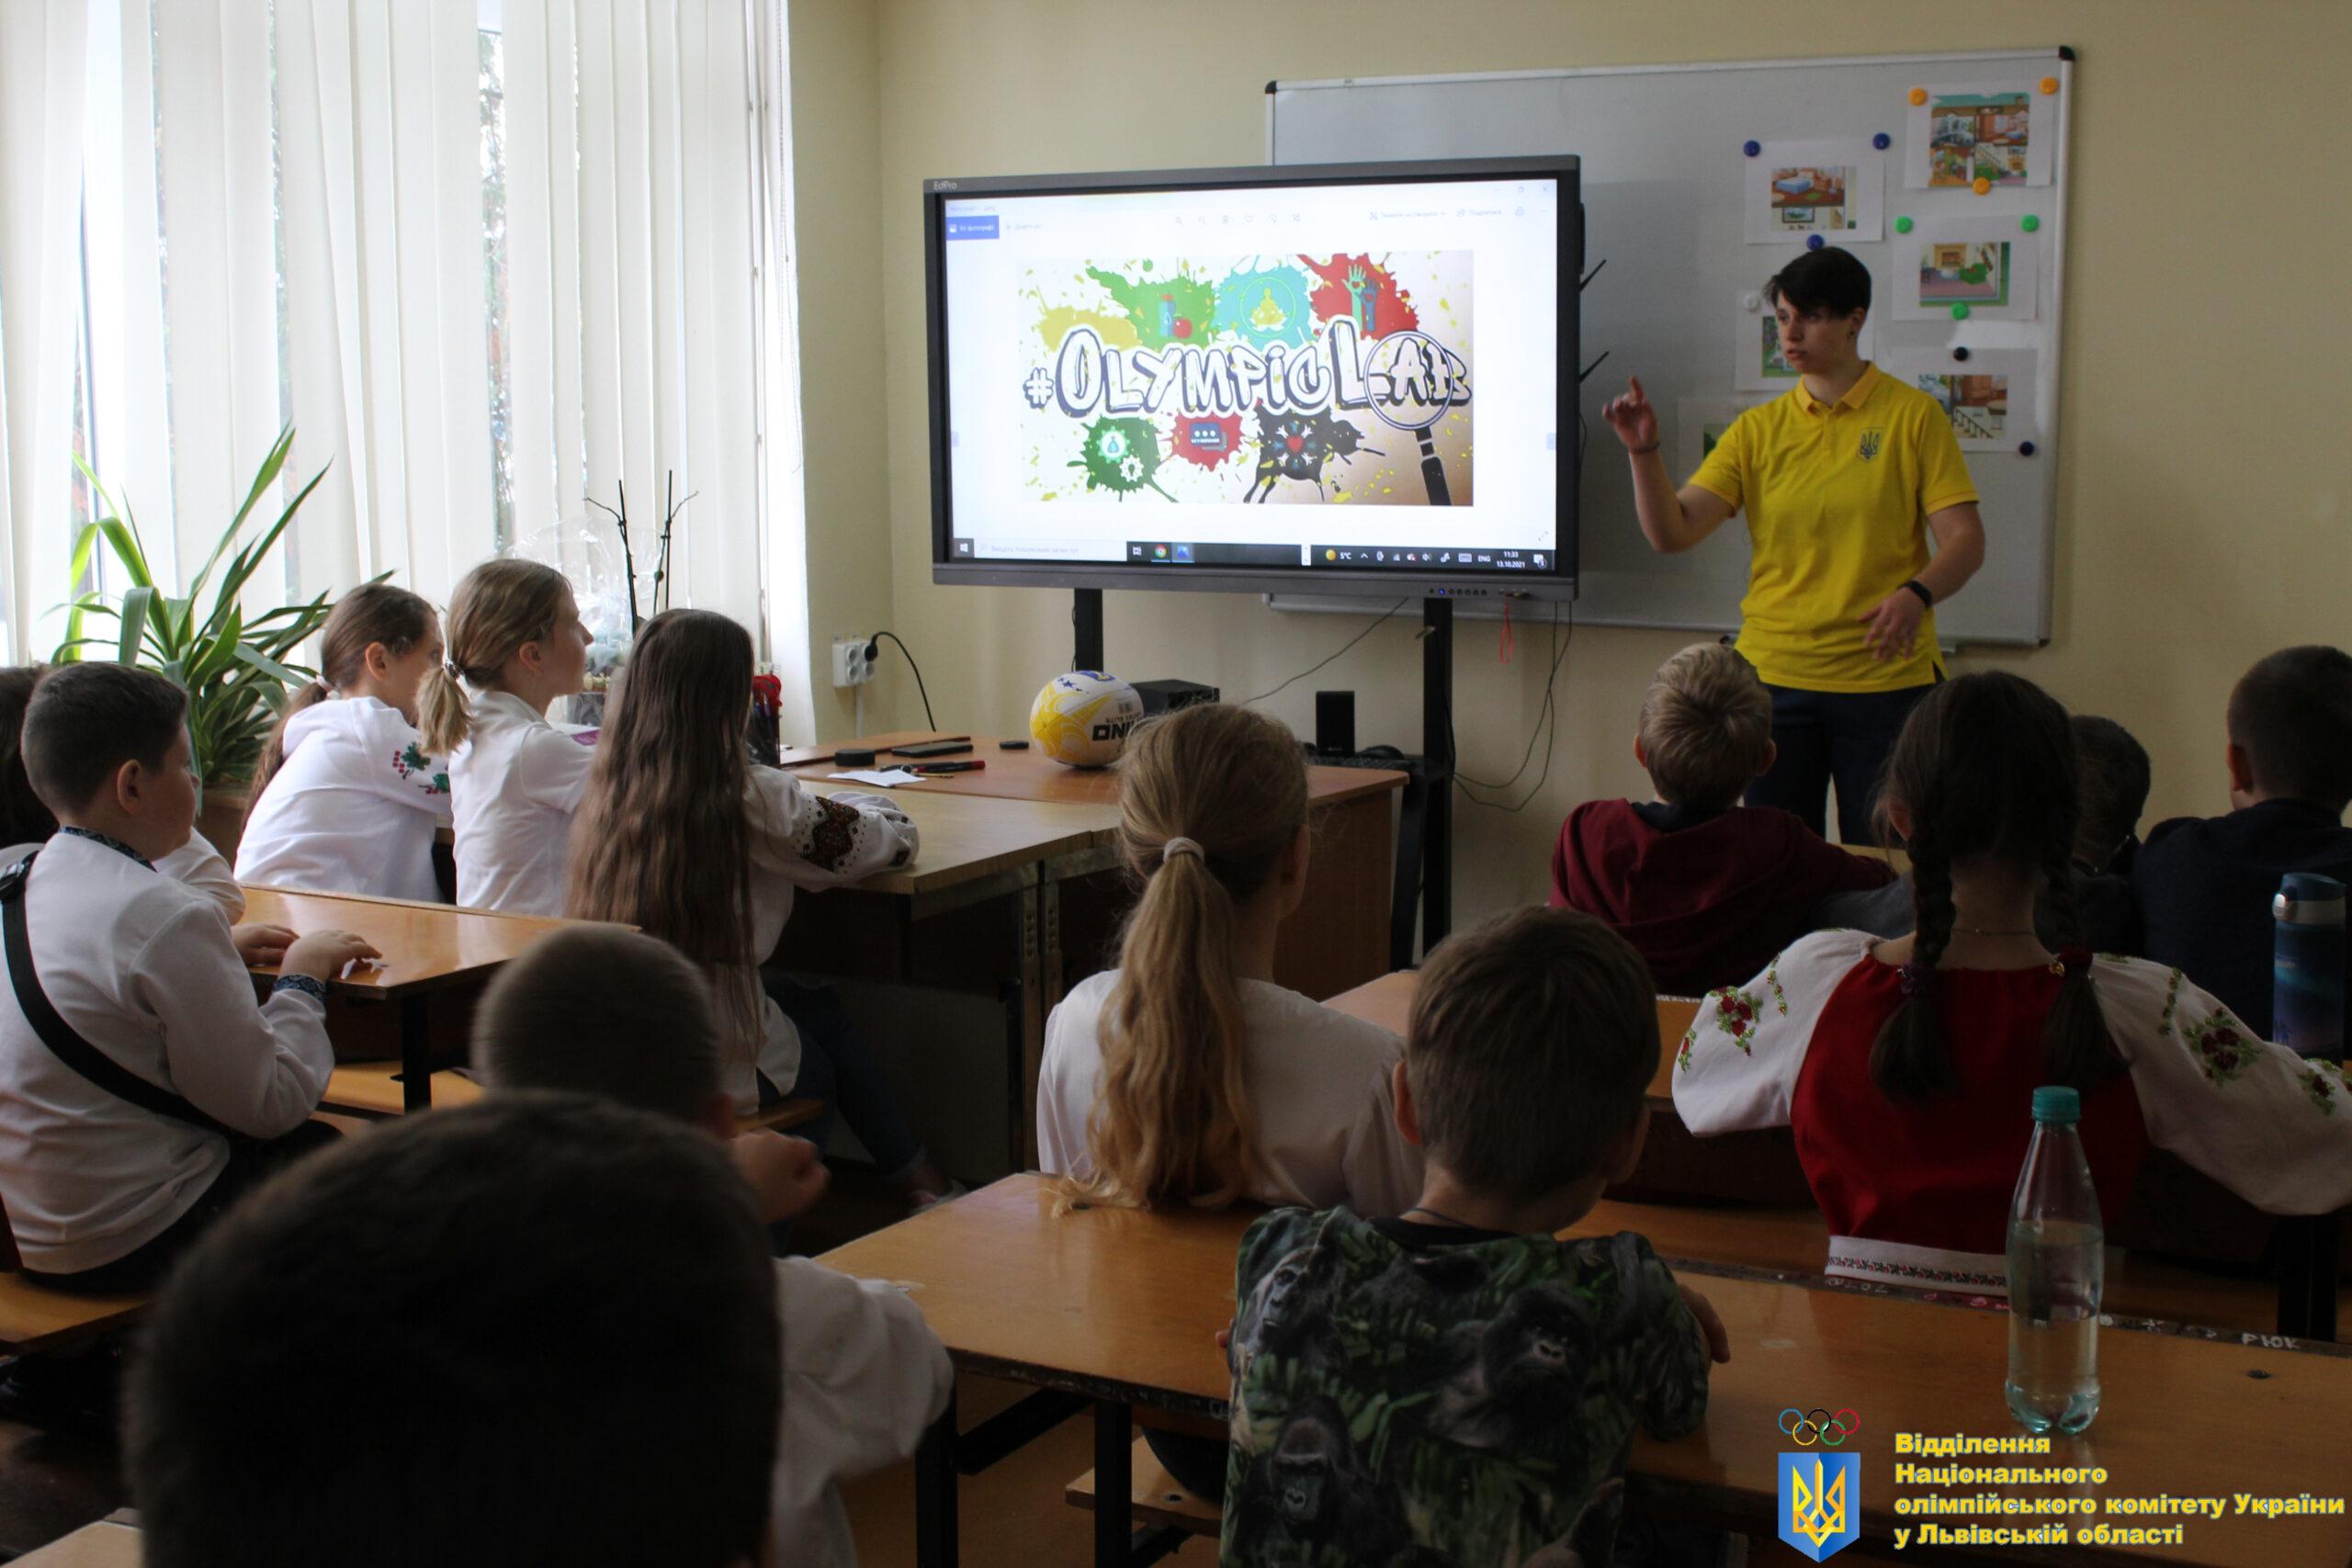 Пізнавали олімпійські та людські цінності з 5-класниками 31 школи міста Львова!